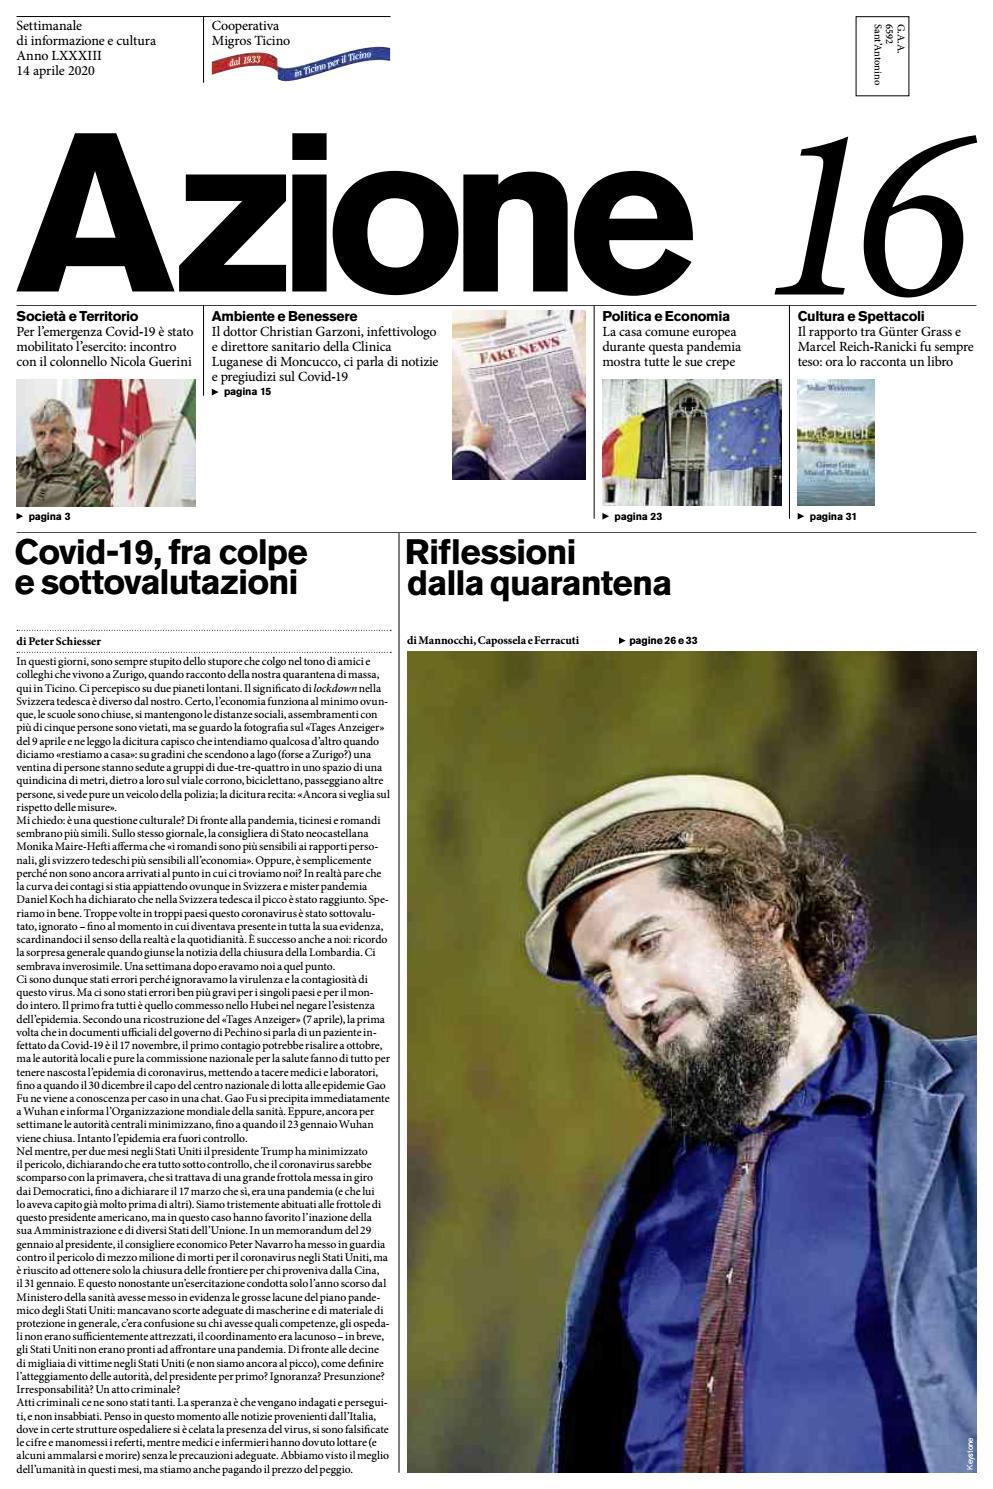 Azione 16 Del 14 Aprile 2020 By Azione Settimanale Di Migros Ticino Issuu